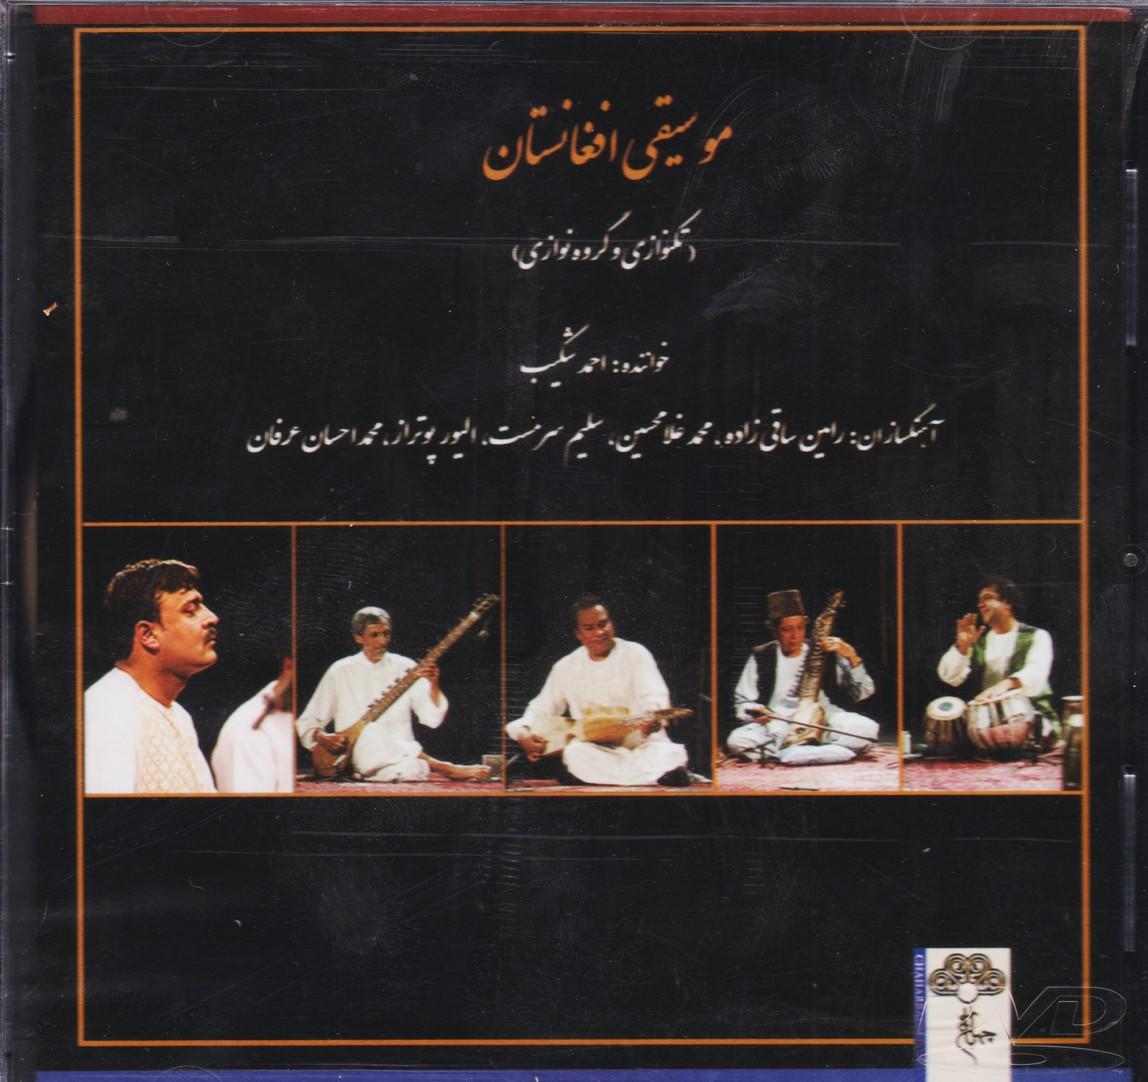 موسیقی افغانستان (تکنوازی و گروه نوازی)